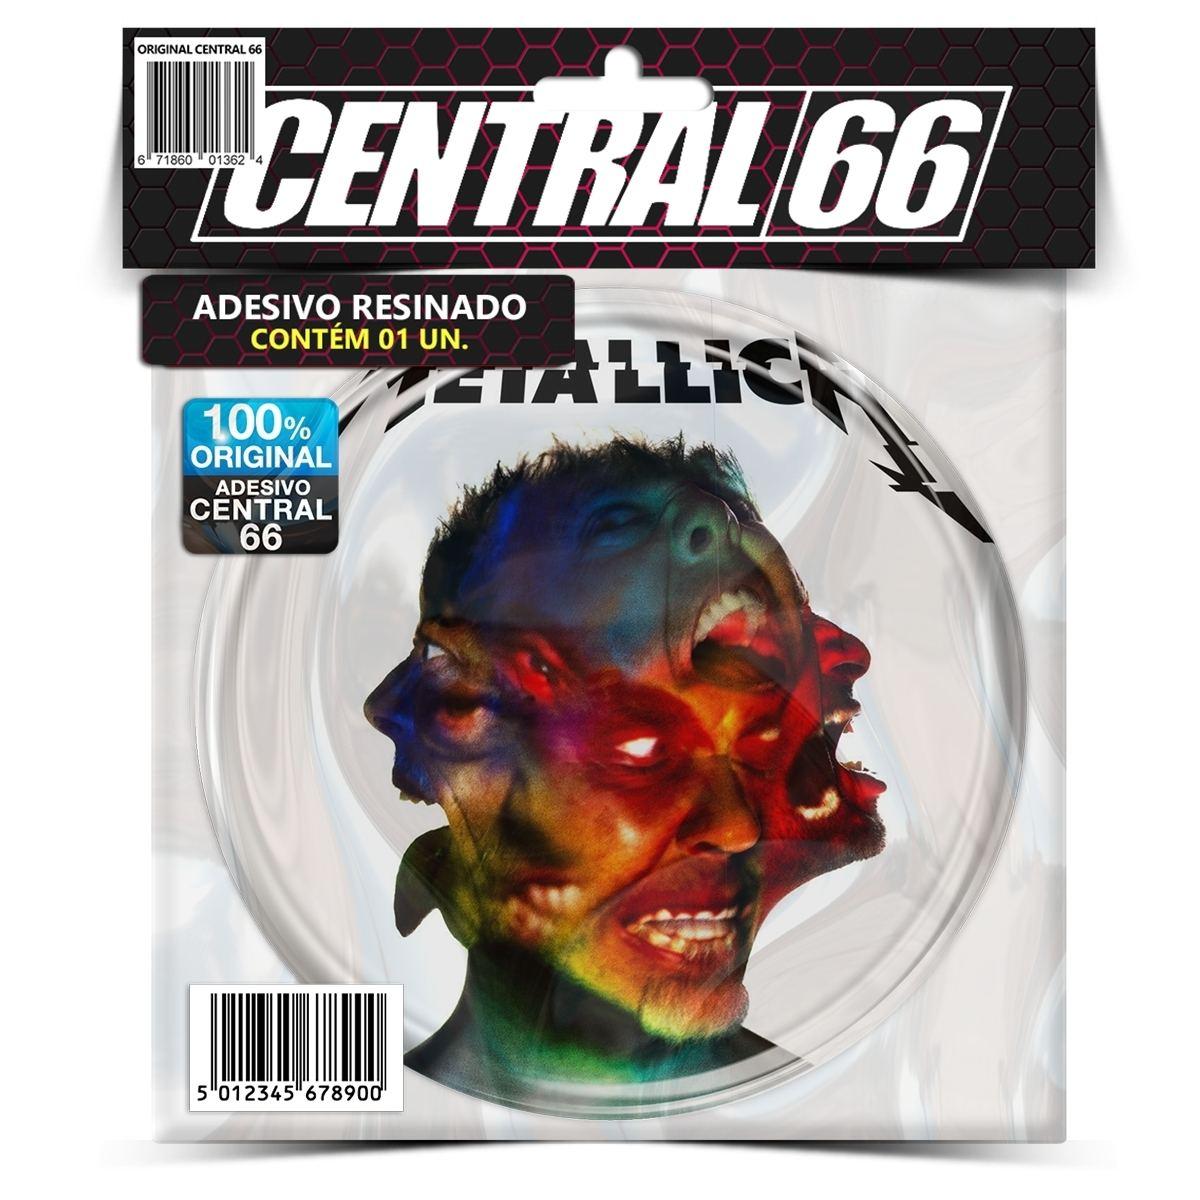 Adesivo Redondo Metallica Hardwiredto Self Destruct – Central 66